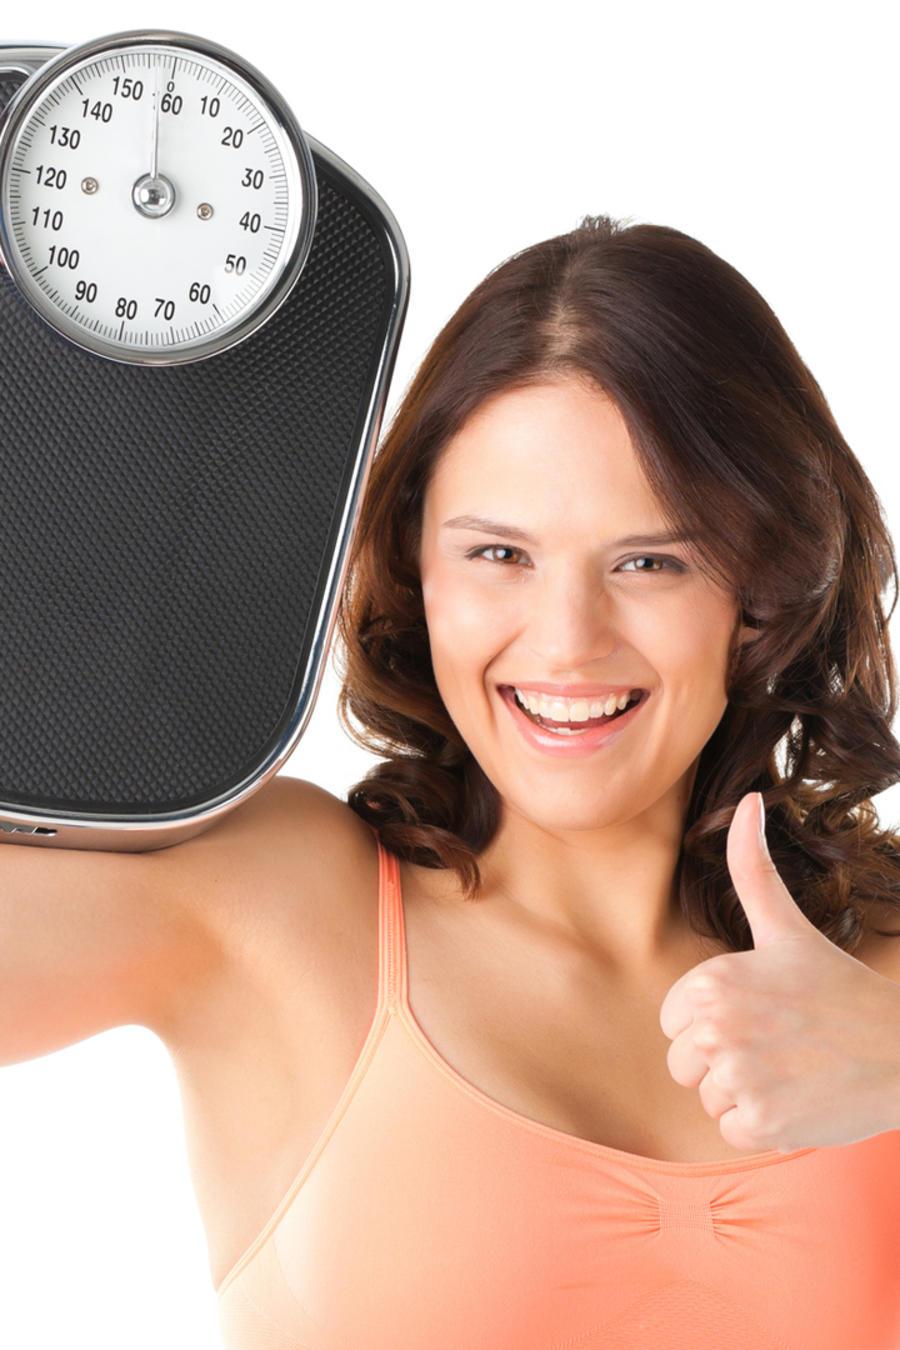 Mujer contenta con una balanza